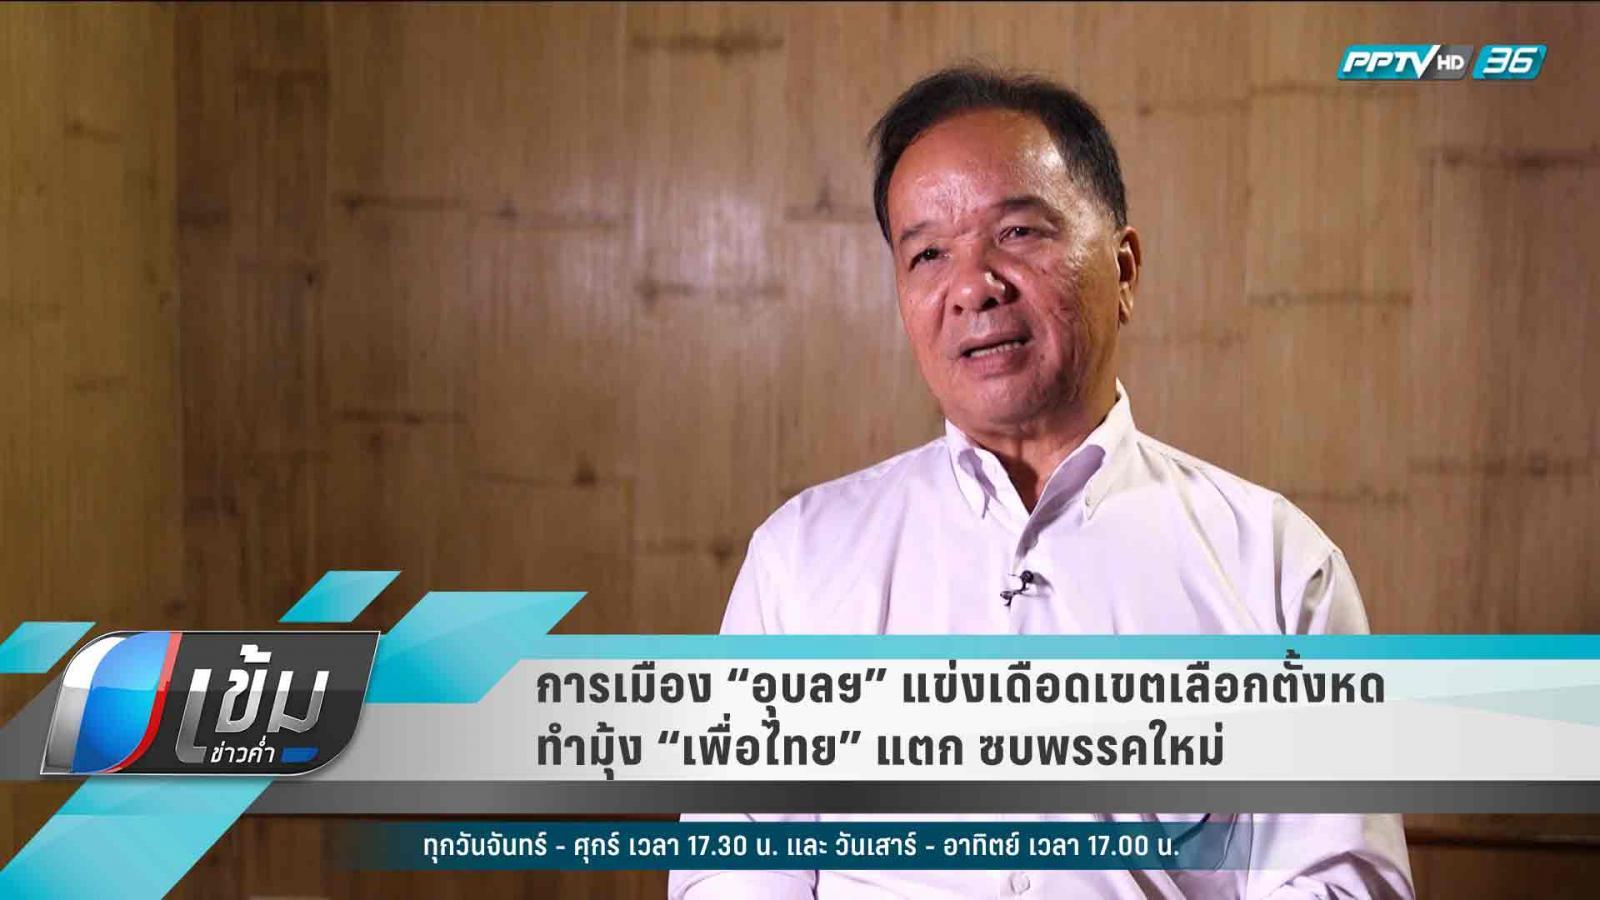 """การเมือง """"อุบลฯ"""" แข่งเดือด เขตเลือกตั้งหด ทำมุ้ง """"เพื่อไทย"""" แตก ซบพรรคใหม่"""